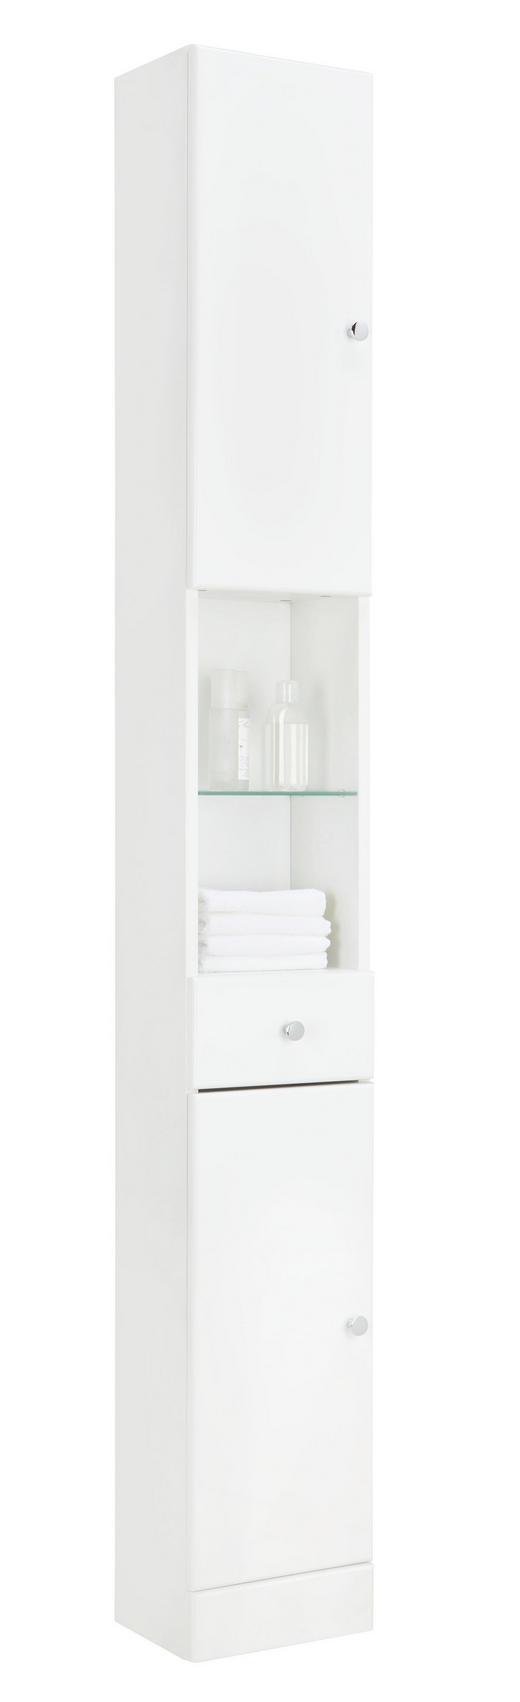 HOCHSCHRANK Weiß - Chromfarben/Weiß, KONVENTIONELL, Glas/Holzwerkstoff (25/185.5/20cm) - Carryhome